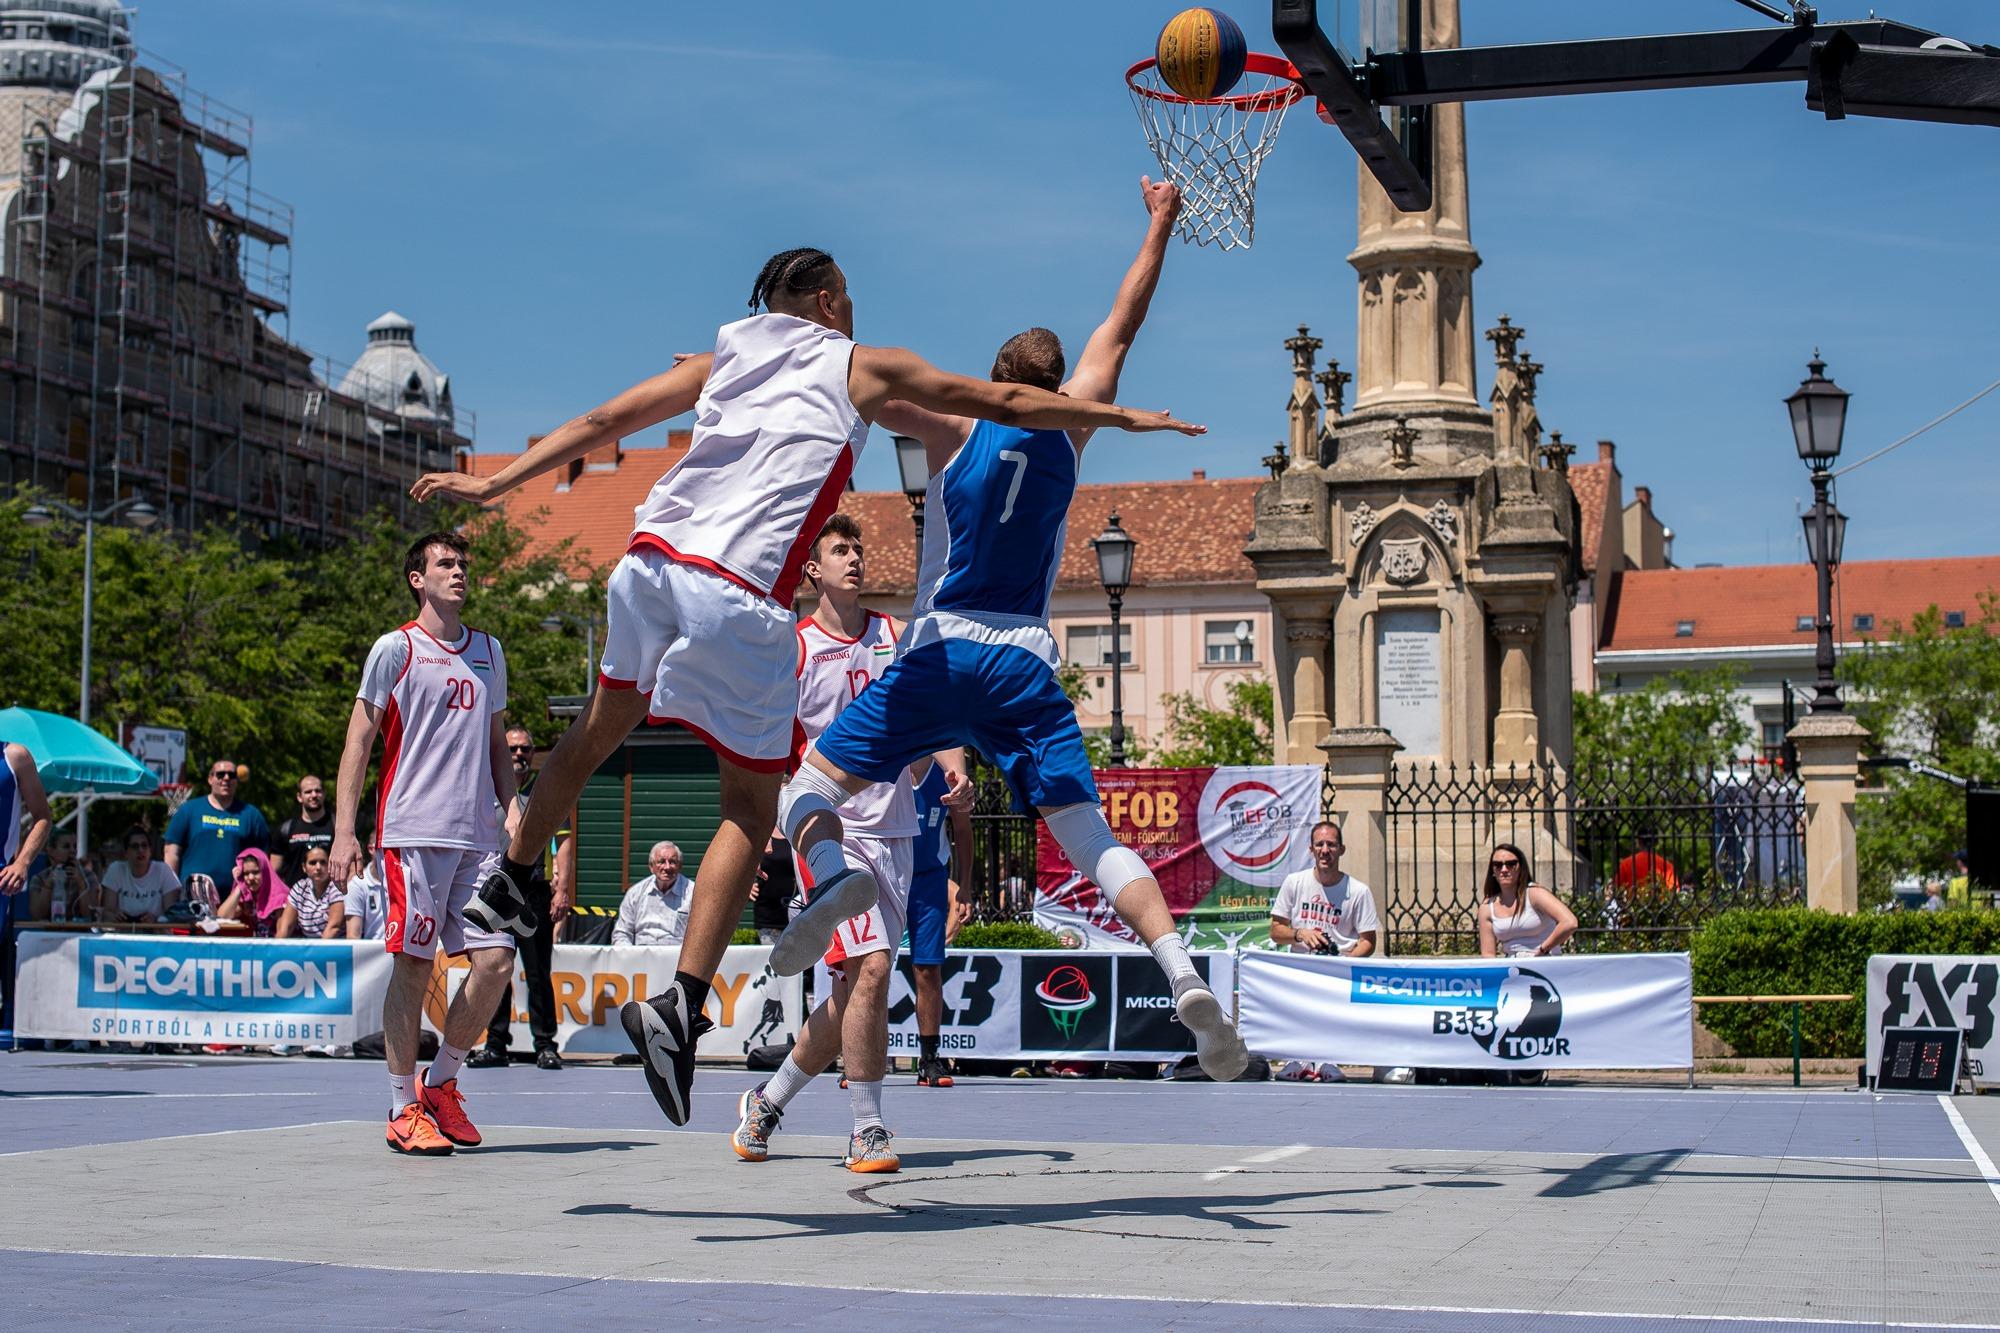 B33 Egyetemi és Főiskolás bajnokság döntő - 2019.05.25. (Szombathely)